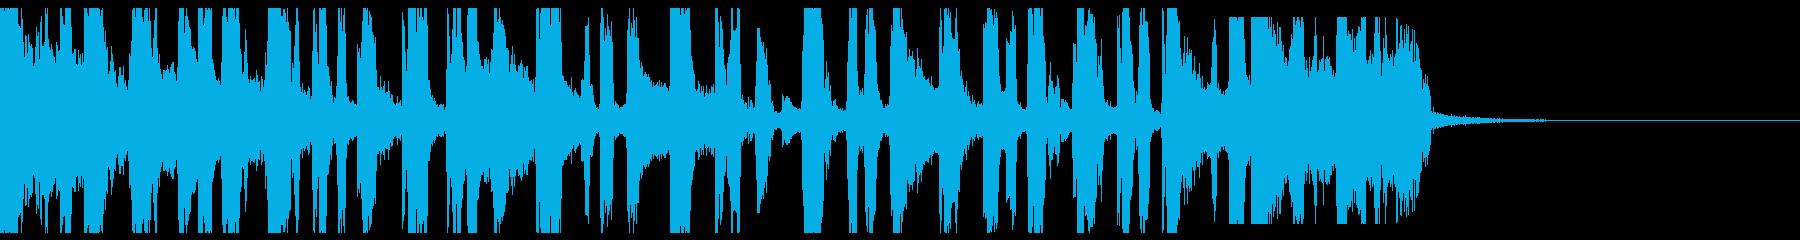 スクラッチとブレイクビーツなジングルの再生済みの波形